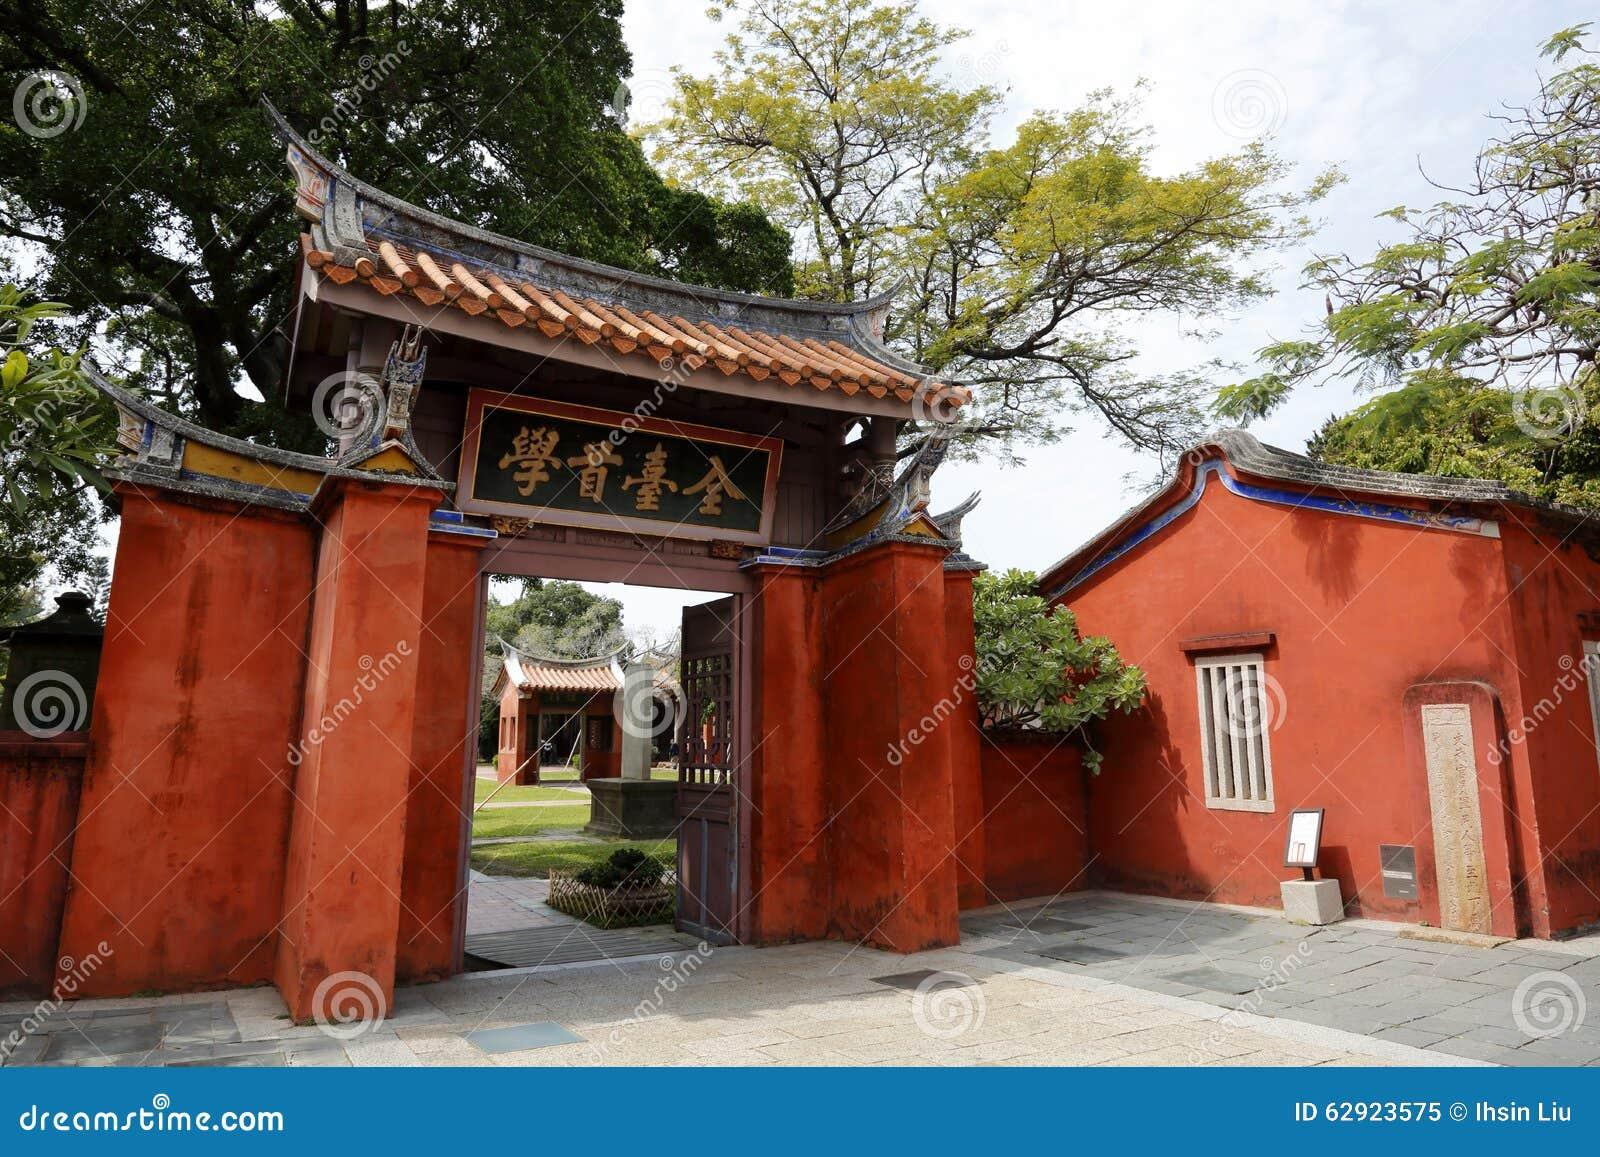 Κομφουκιανικός ναός του Ταϊνάν, Ταϊνάν, Ταϊβάν, 2015